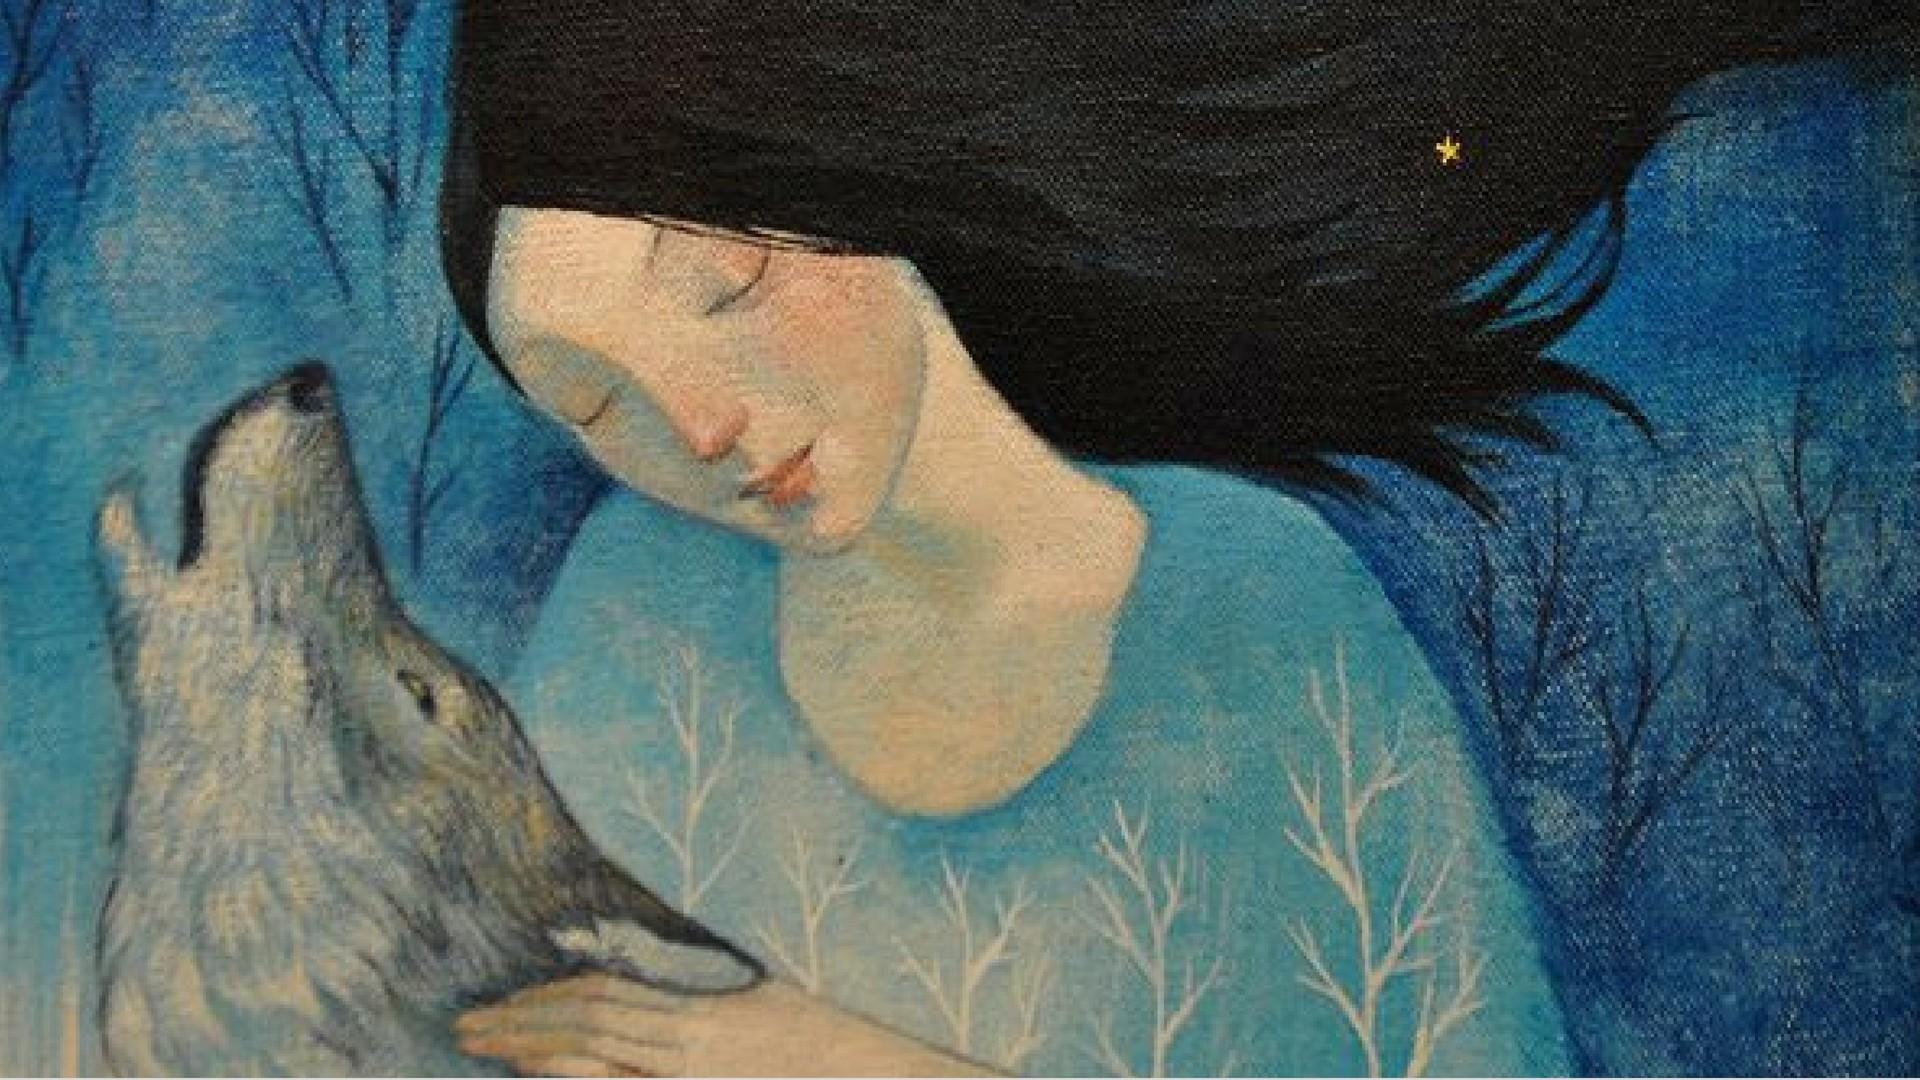 Przebudzenie lisicy ilustracja z książki